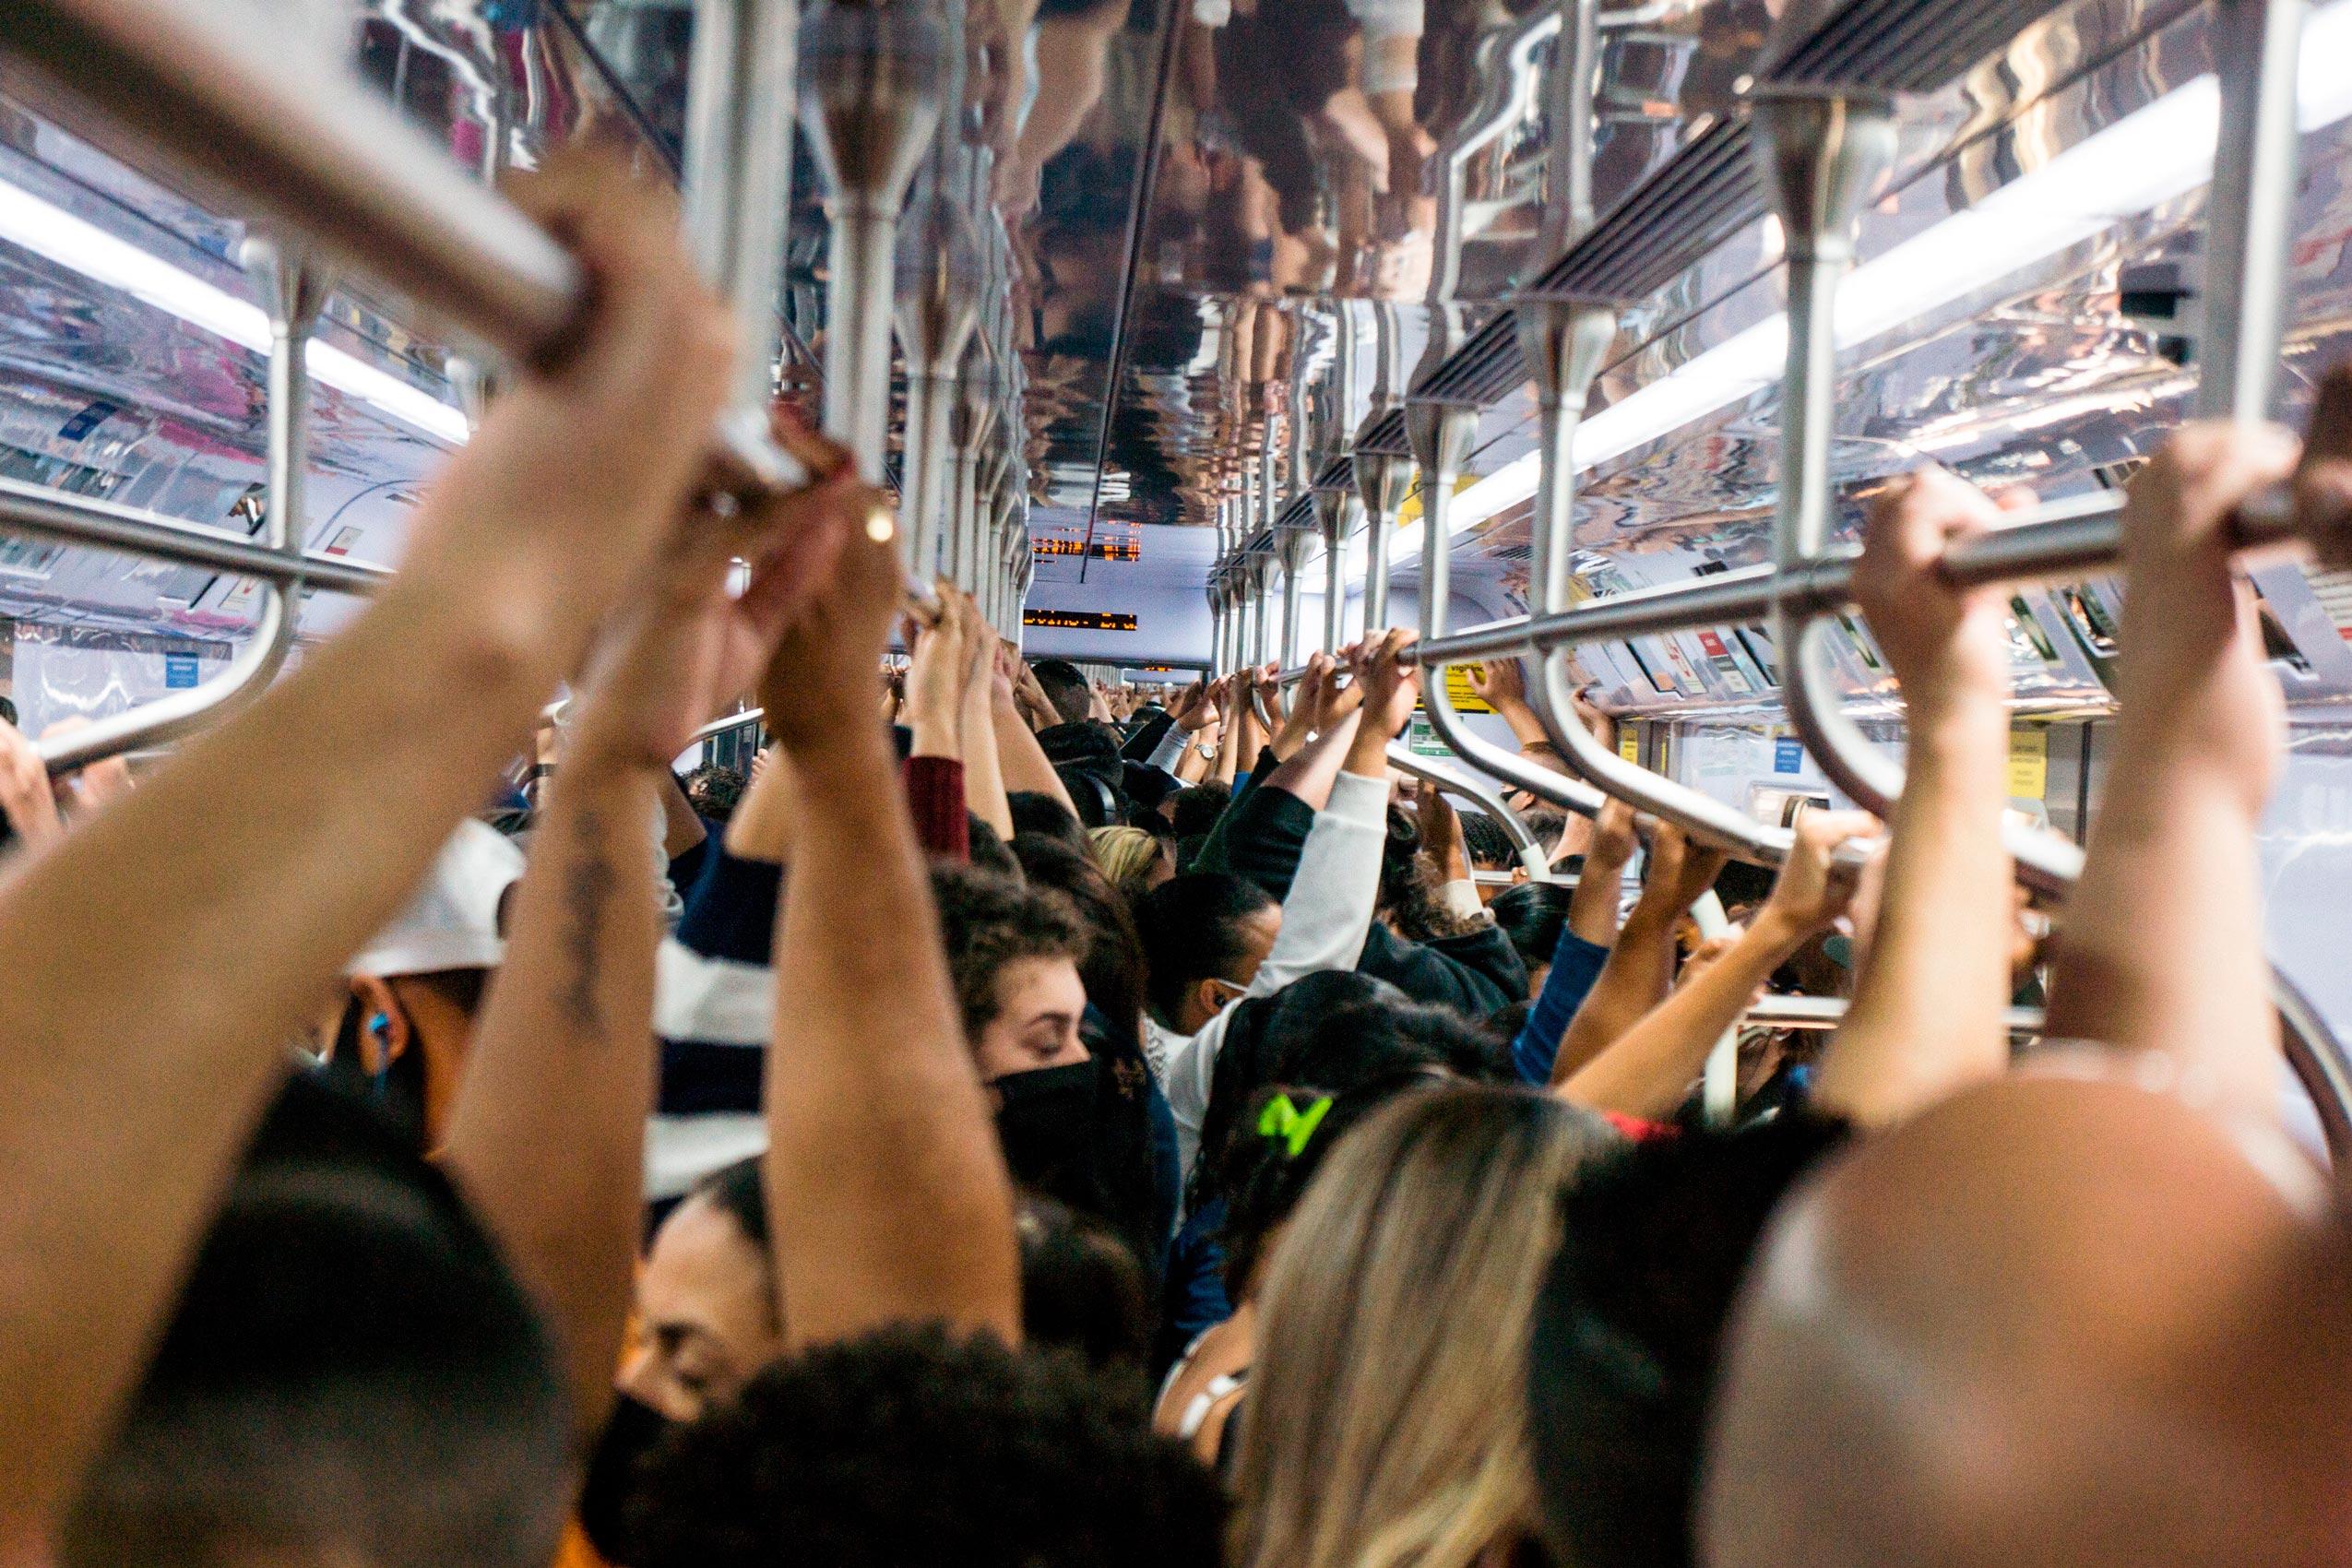 Aglomeração em trem da linha 7-Rubi da CPTM em São Paulo durante pandemia